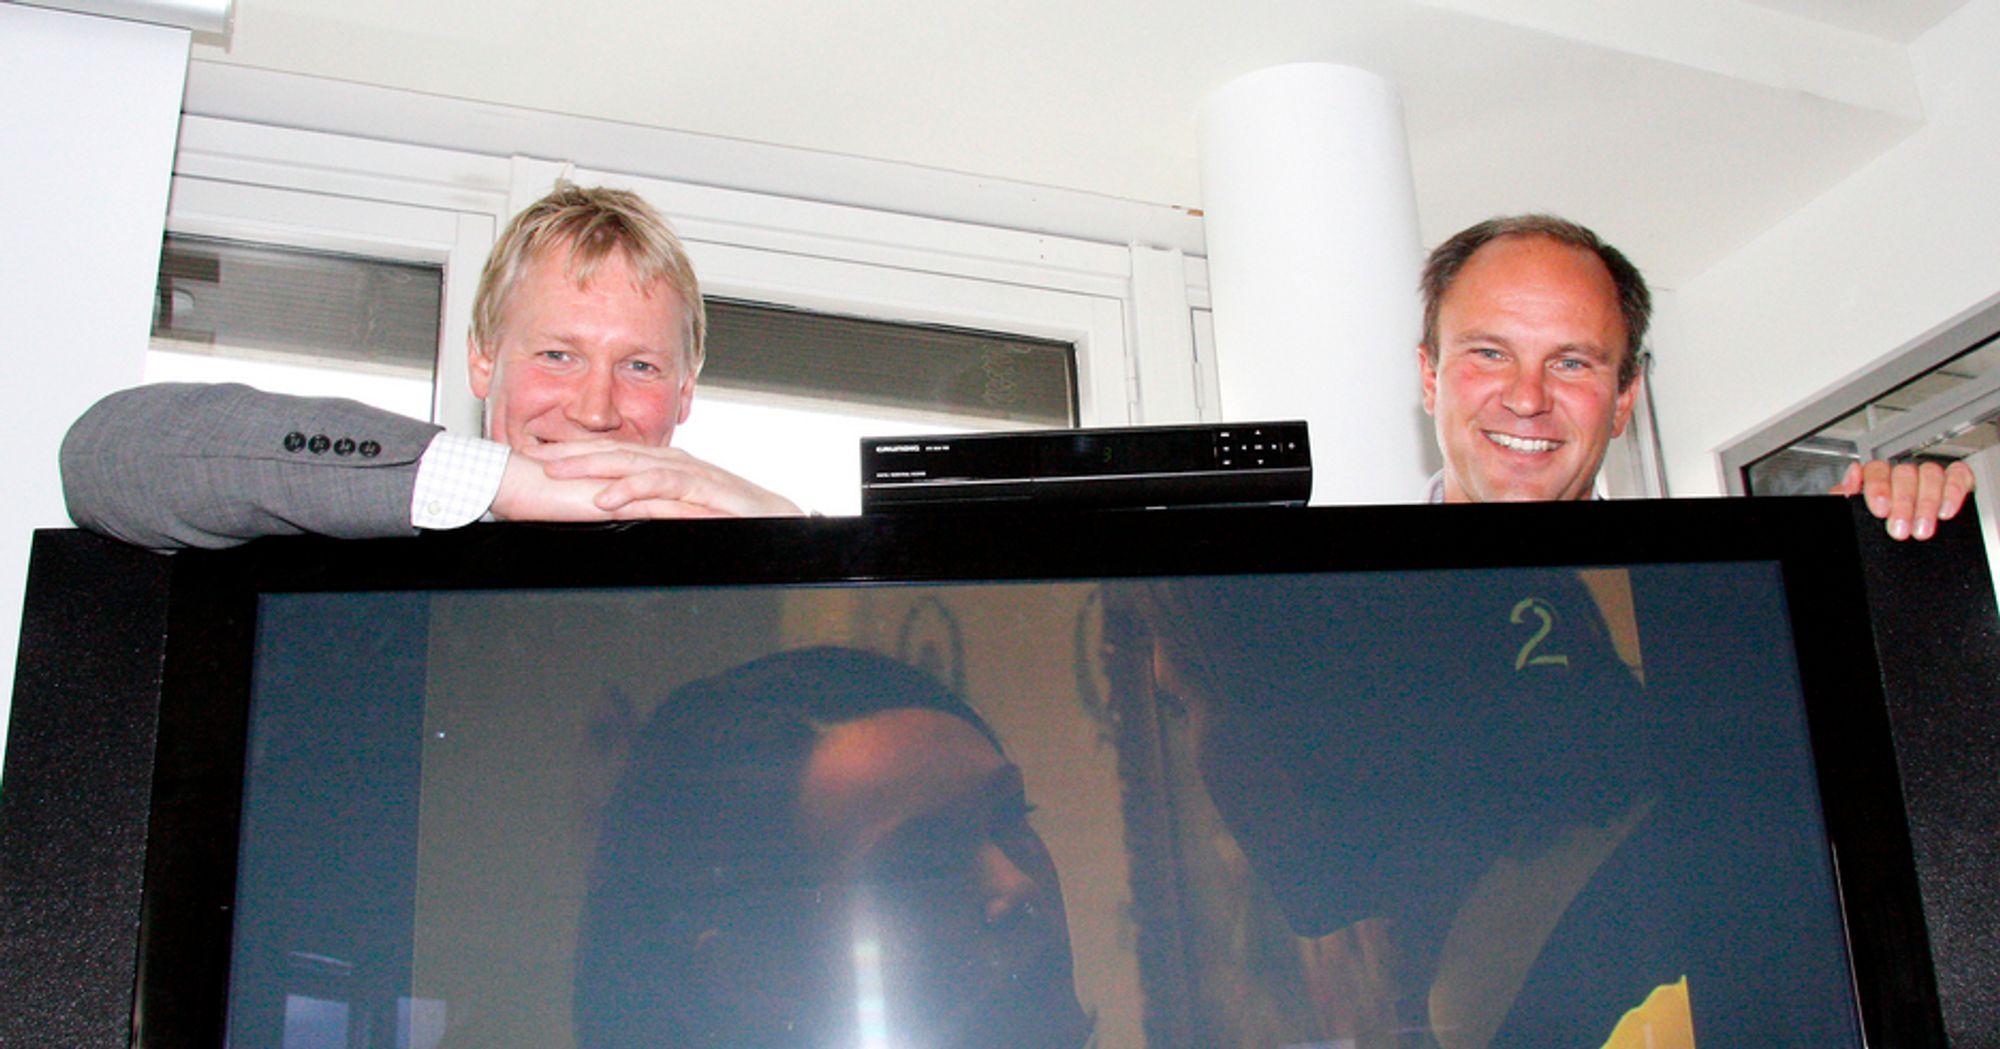 FILM TIL FOLKET: Kommunikasjonsdirektør Svein Ove Søreide og adm. dir. Espen Torsby i Riks-TV gleder seg over den nye PVR-boksen som er fundamentet i den kommende film- og serietjenesten deres.